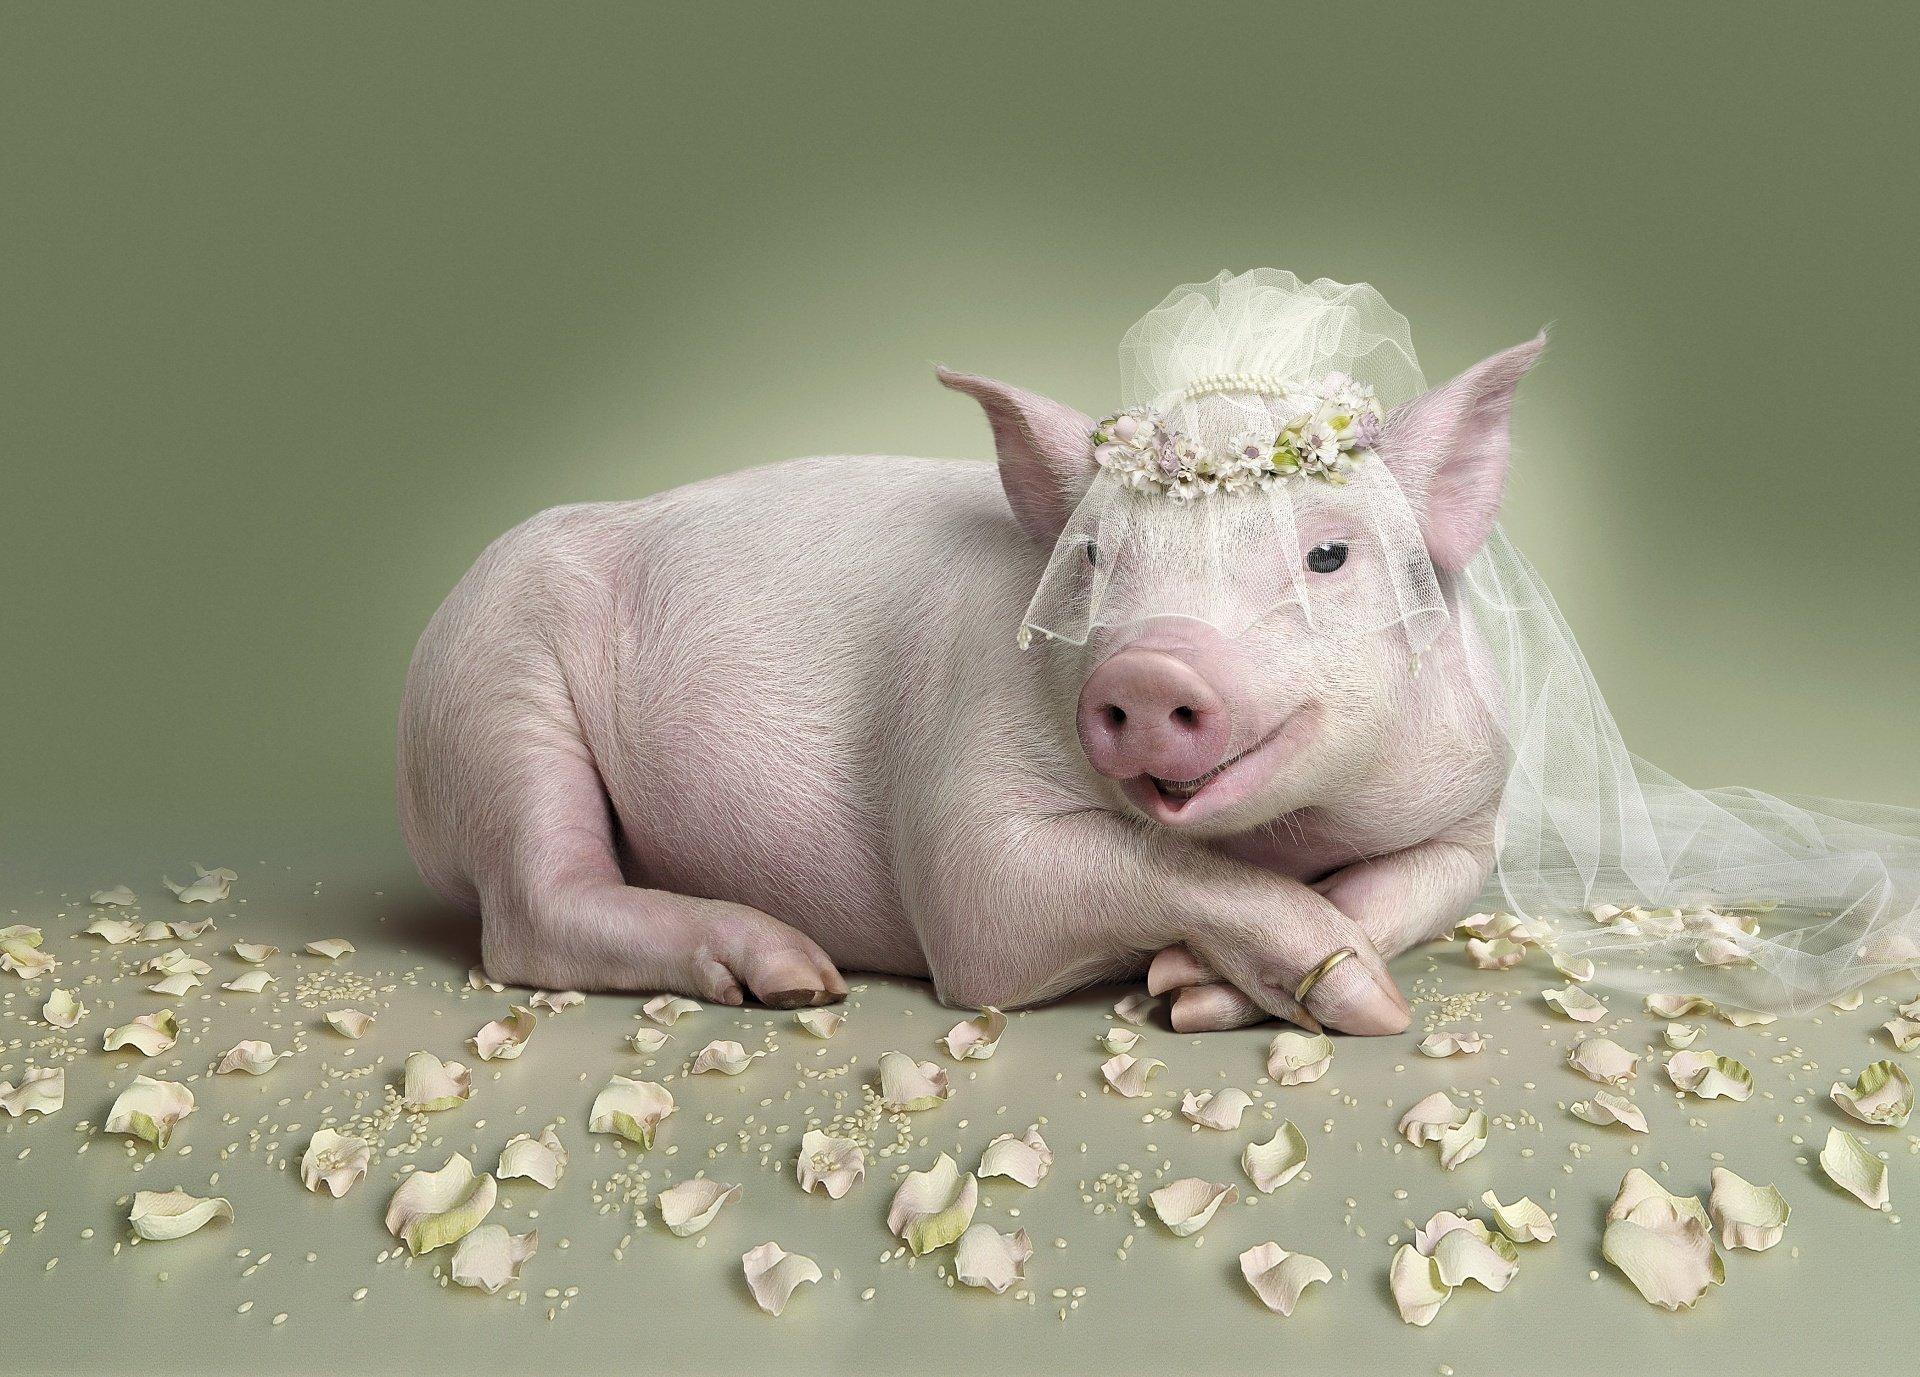 все-таки обои года свиньи это тут привыкшие